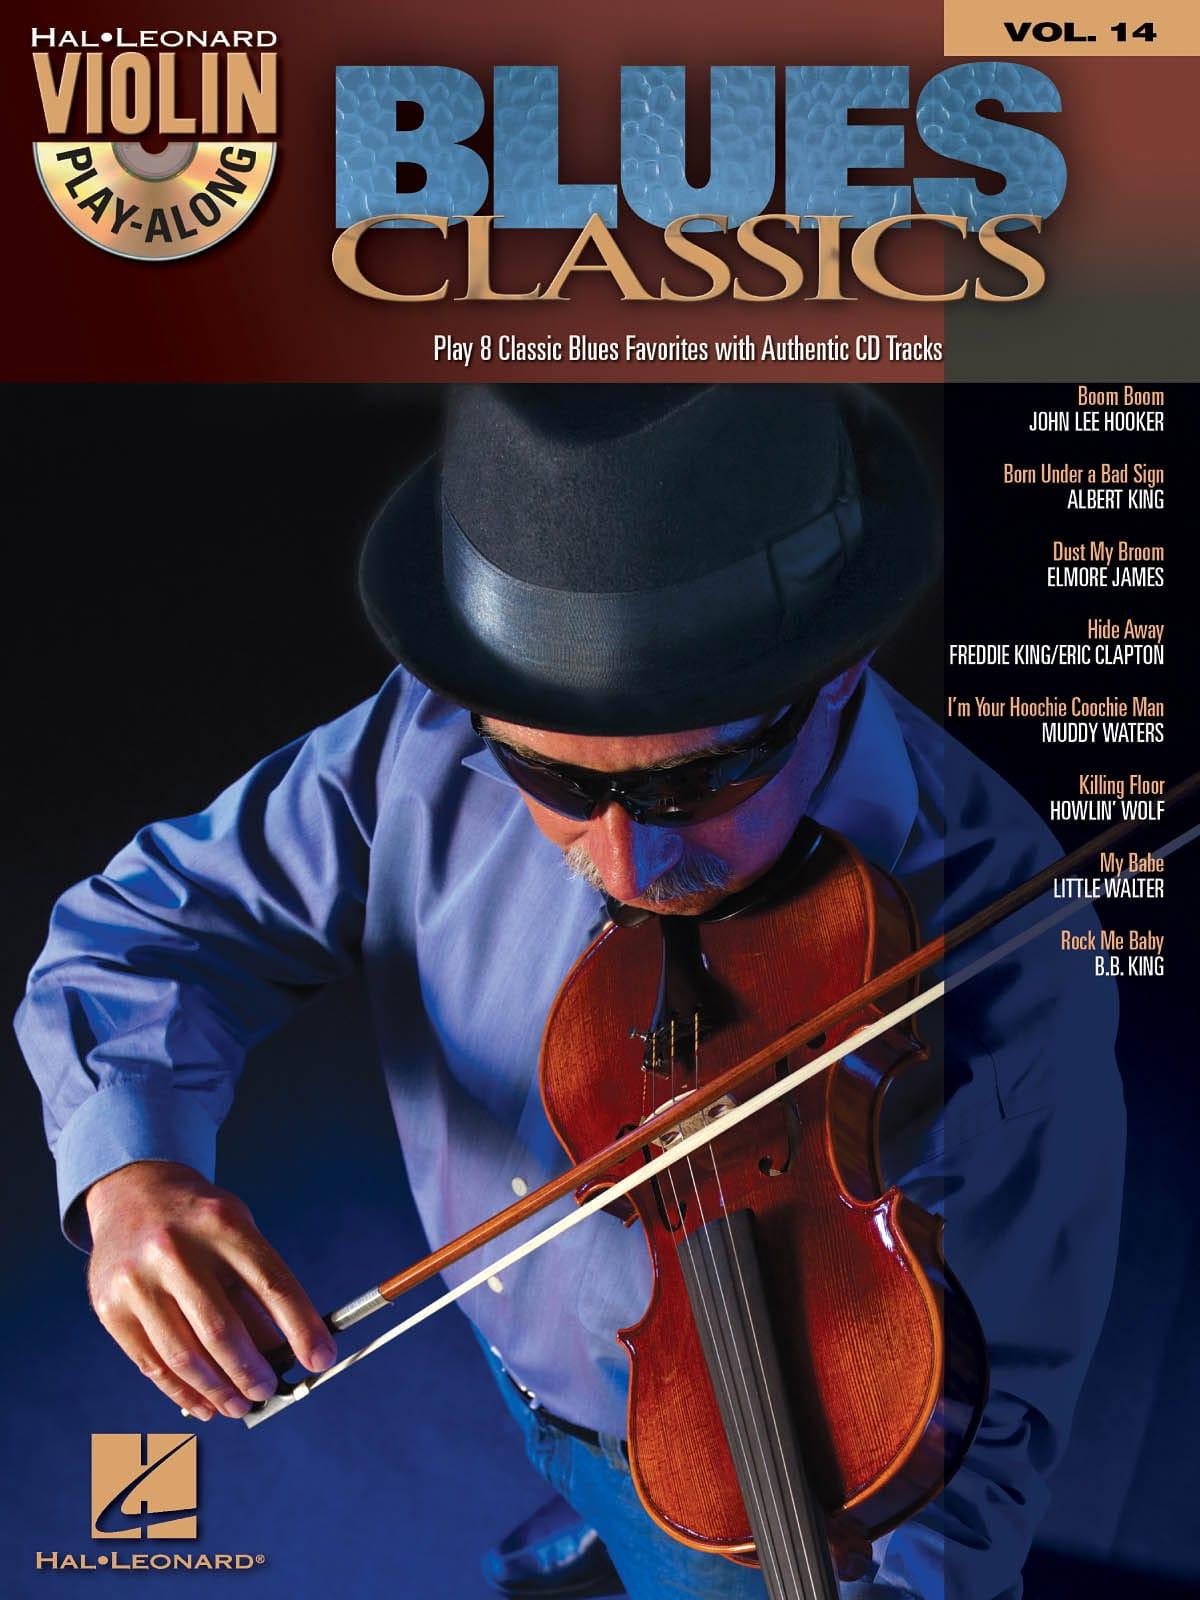 Violin play-along volume 14 - Blues Classics - laflutedepan.com